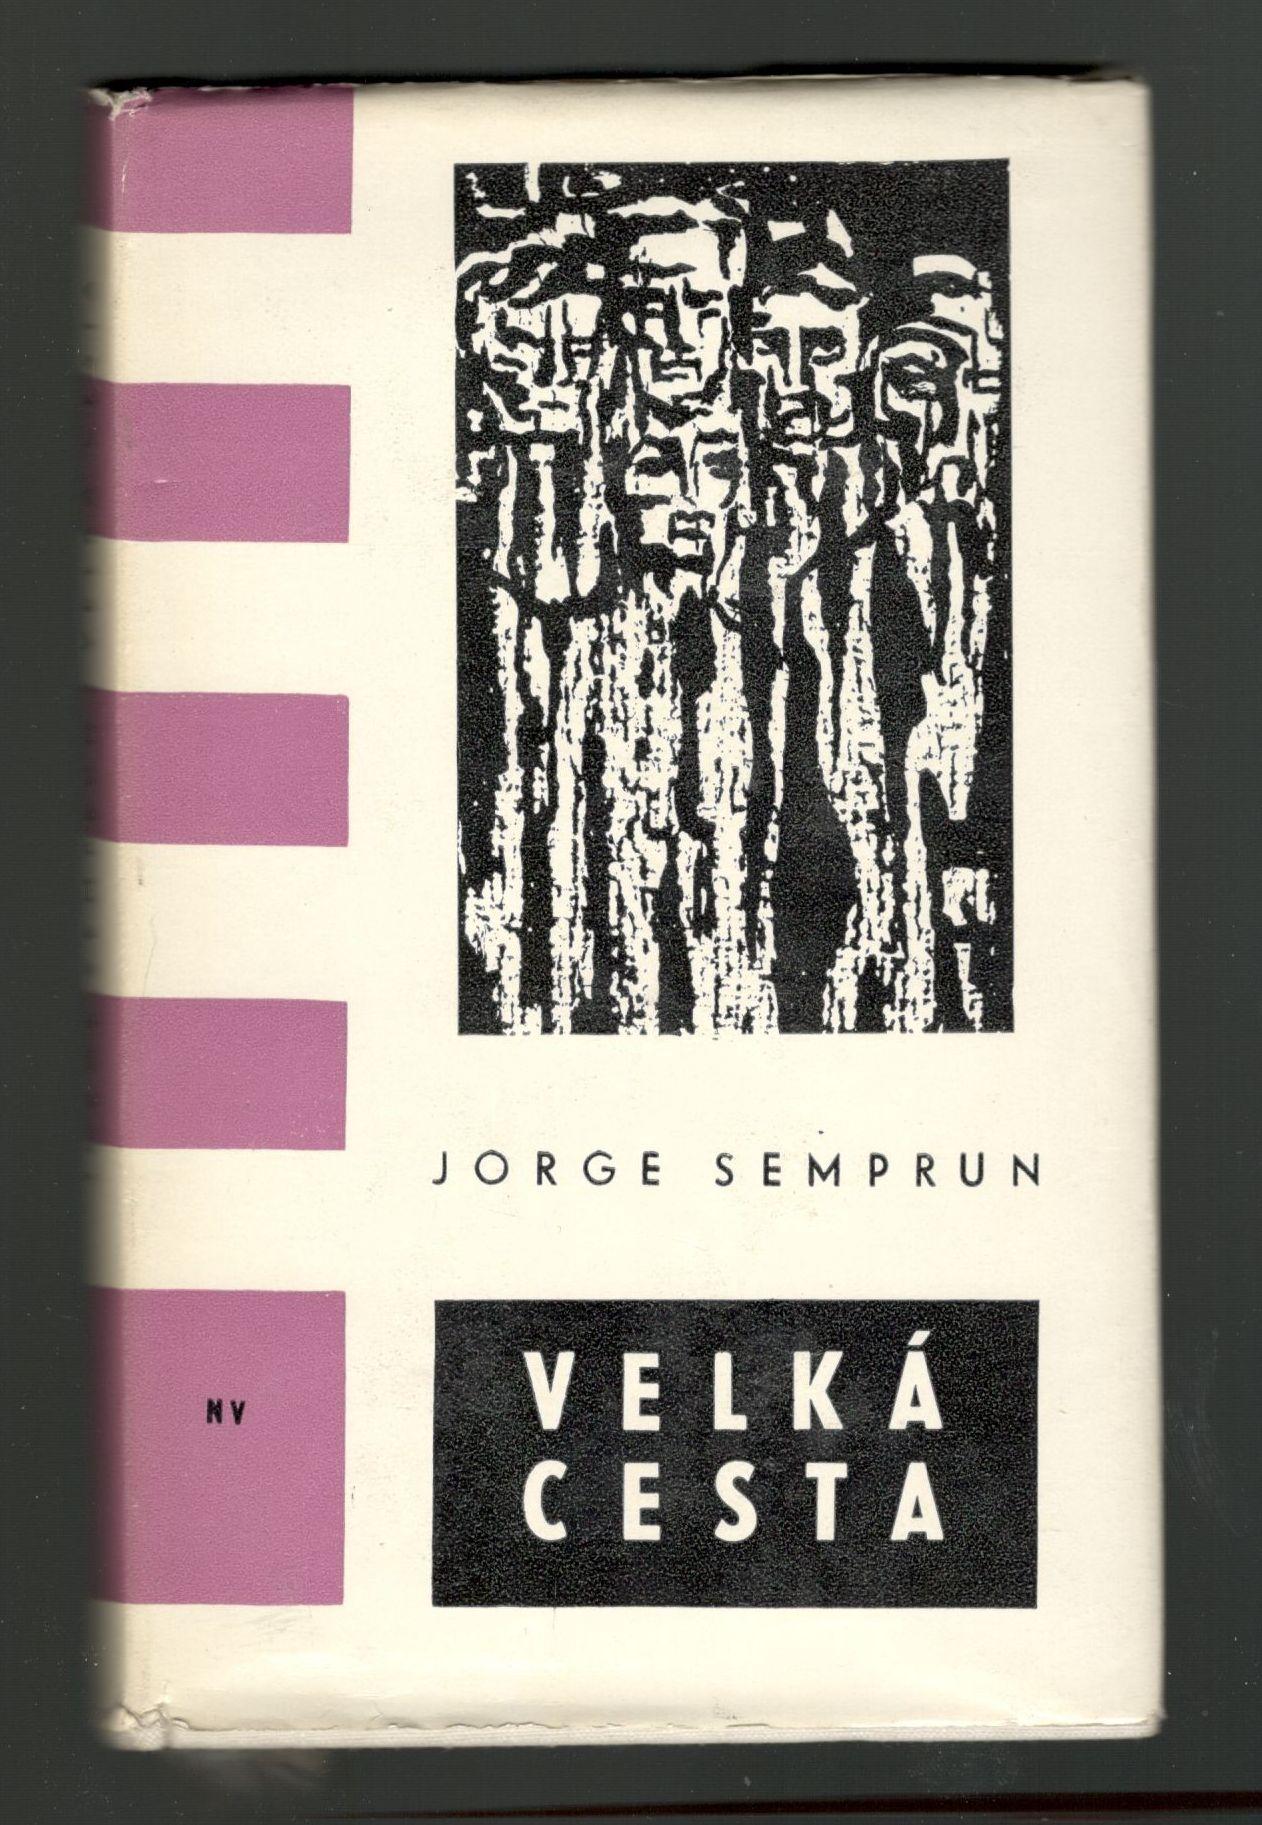 Velká cesta - Jorge Semprun